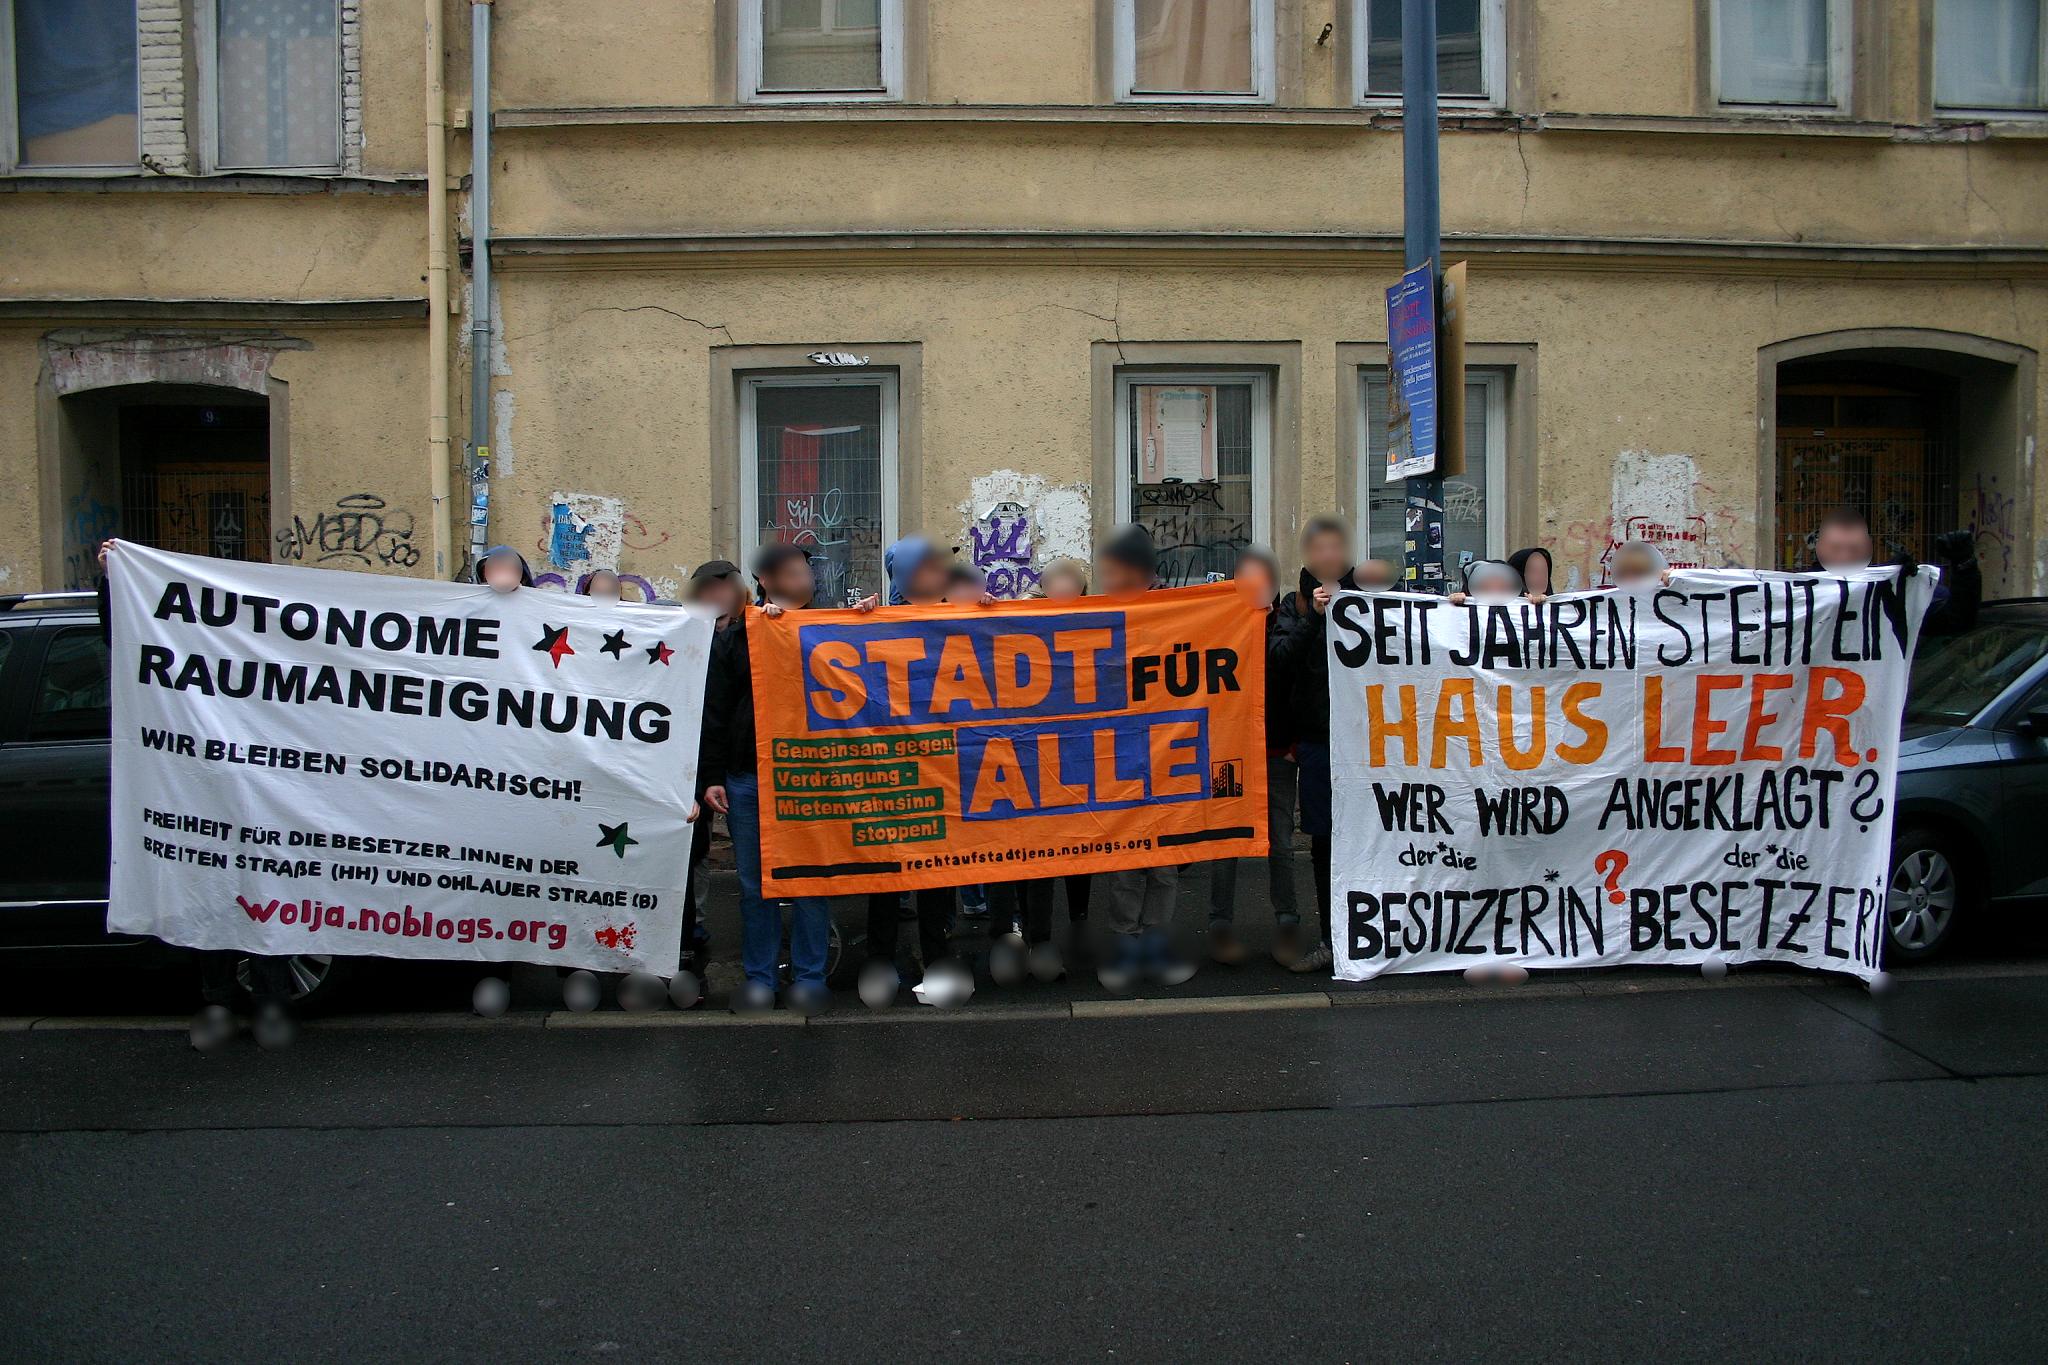 Spontane Soldaritätsaktion vor Hausbesetzungsprozess